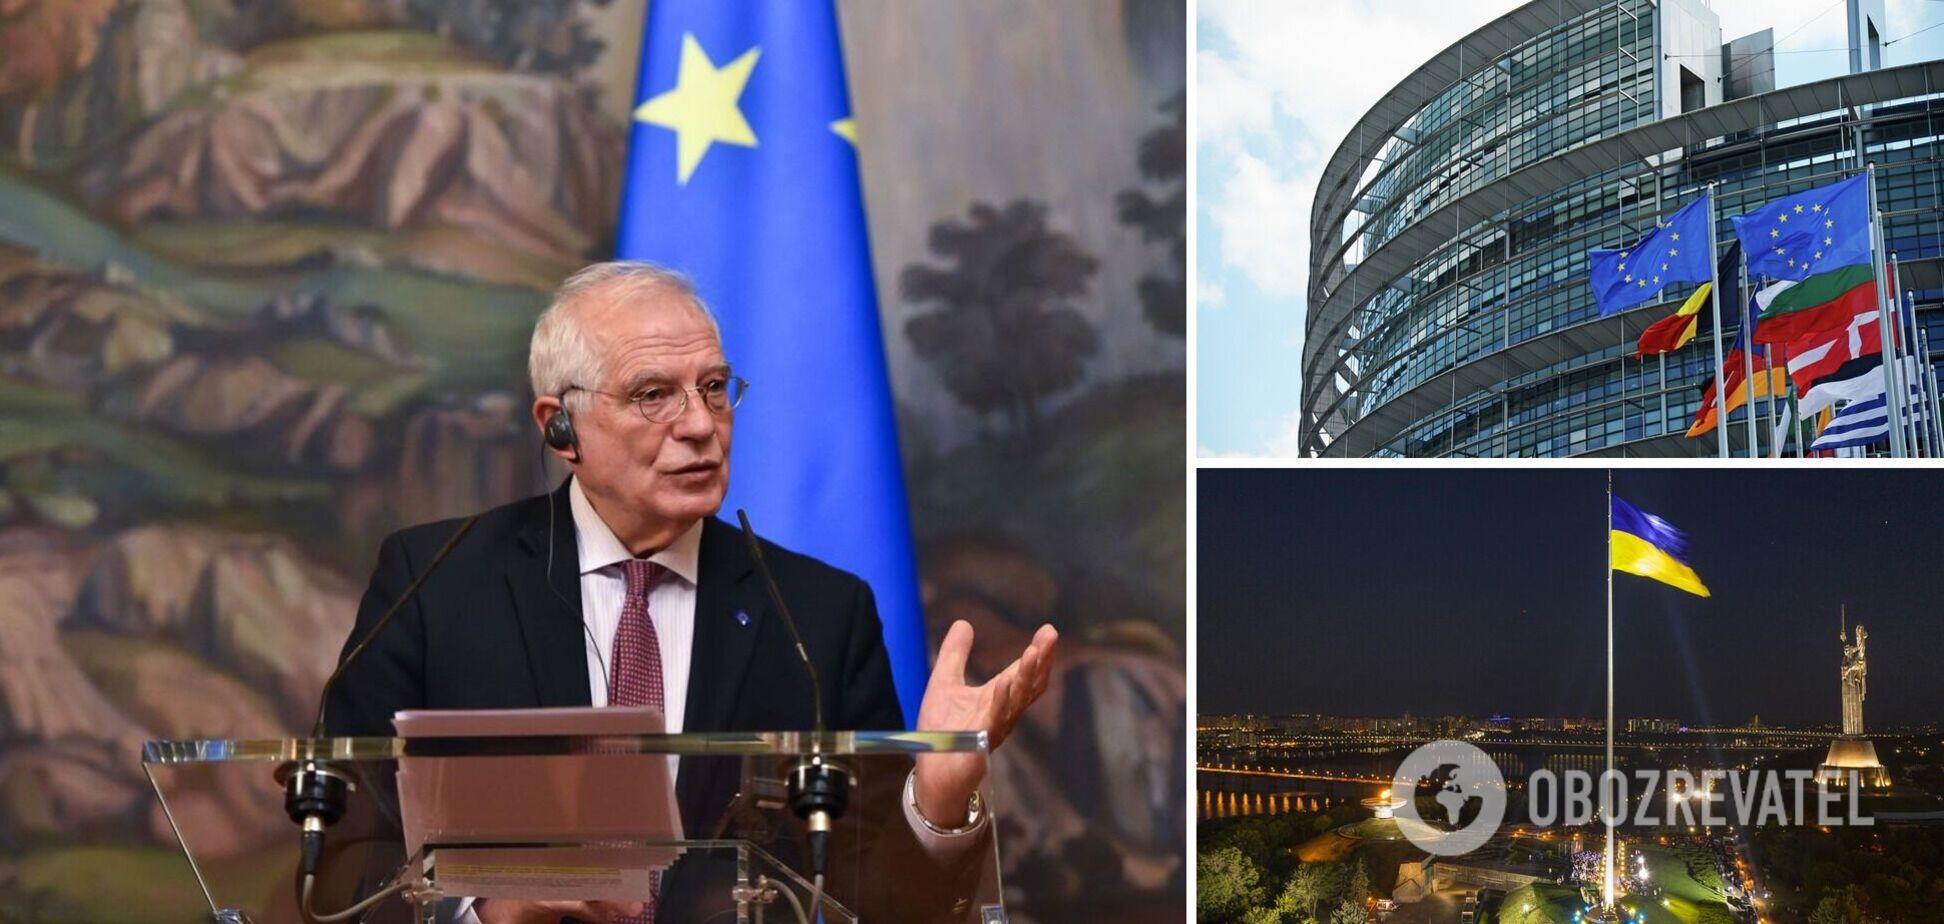 В ЄС озвучили головне 'гальмо' реформ в Україні і закликали політиків дати їм чіткий сигнал